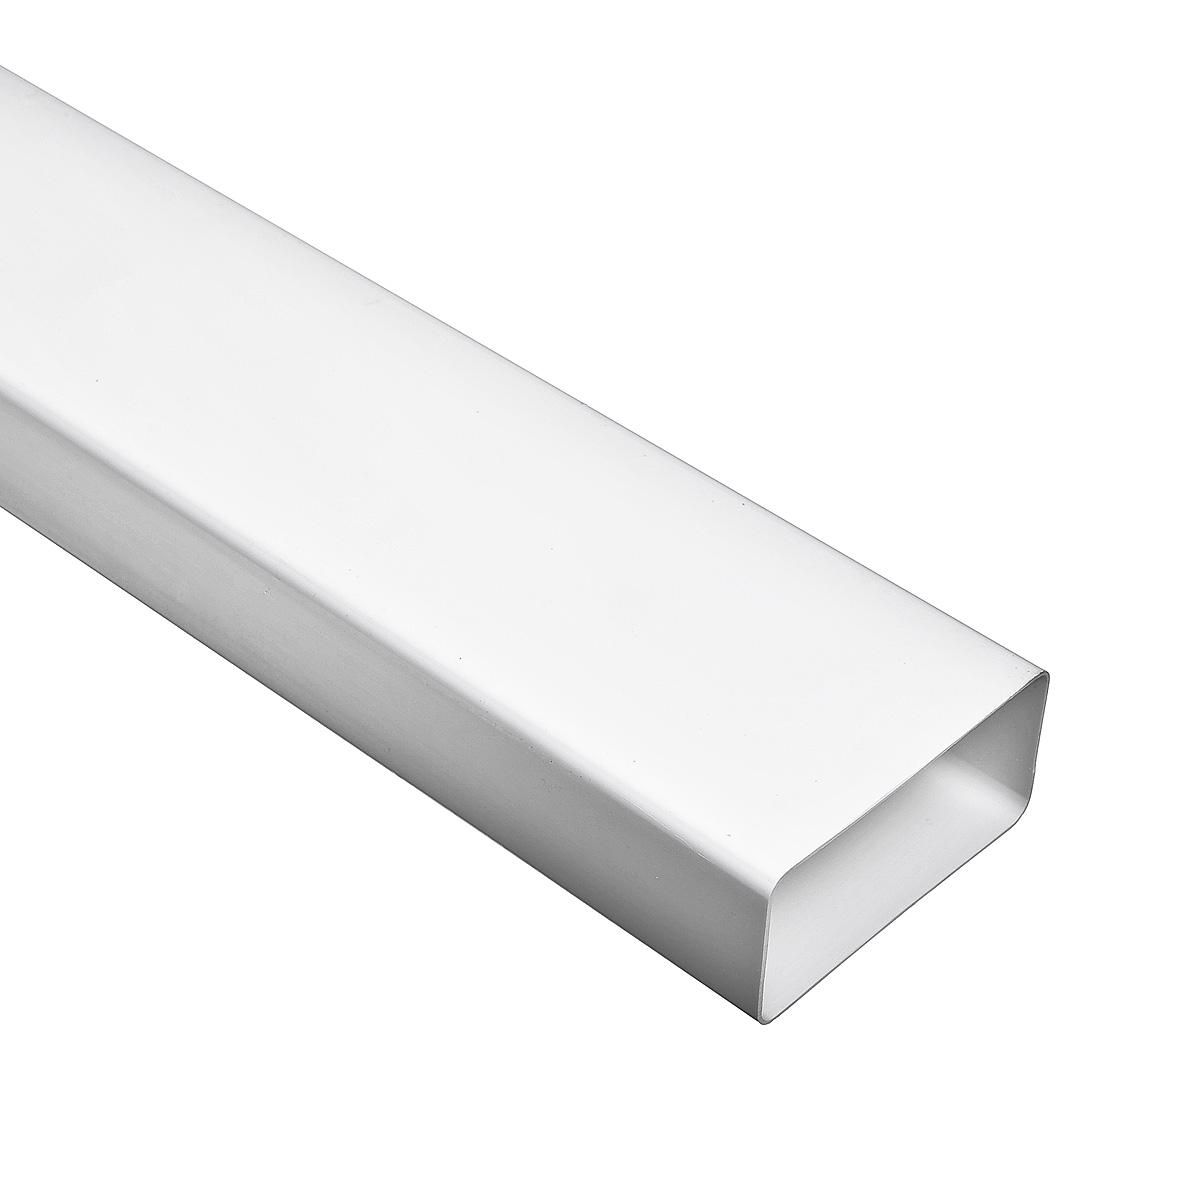 Купить Короб вентиляционный пластиковый, размер 55х110 мм (2 м) — Фото №1